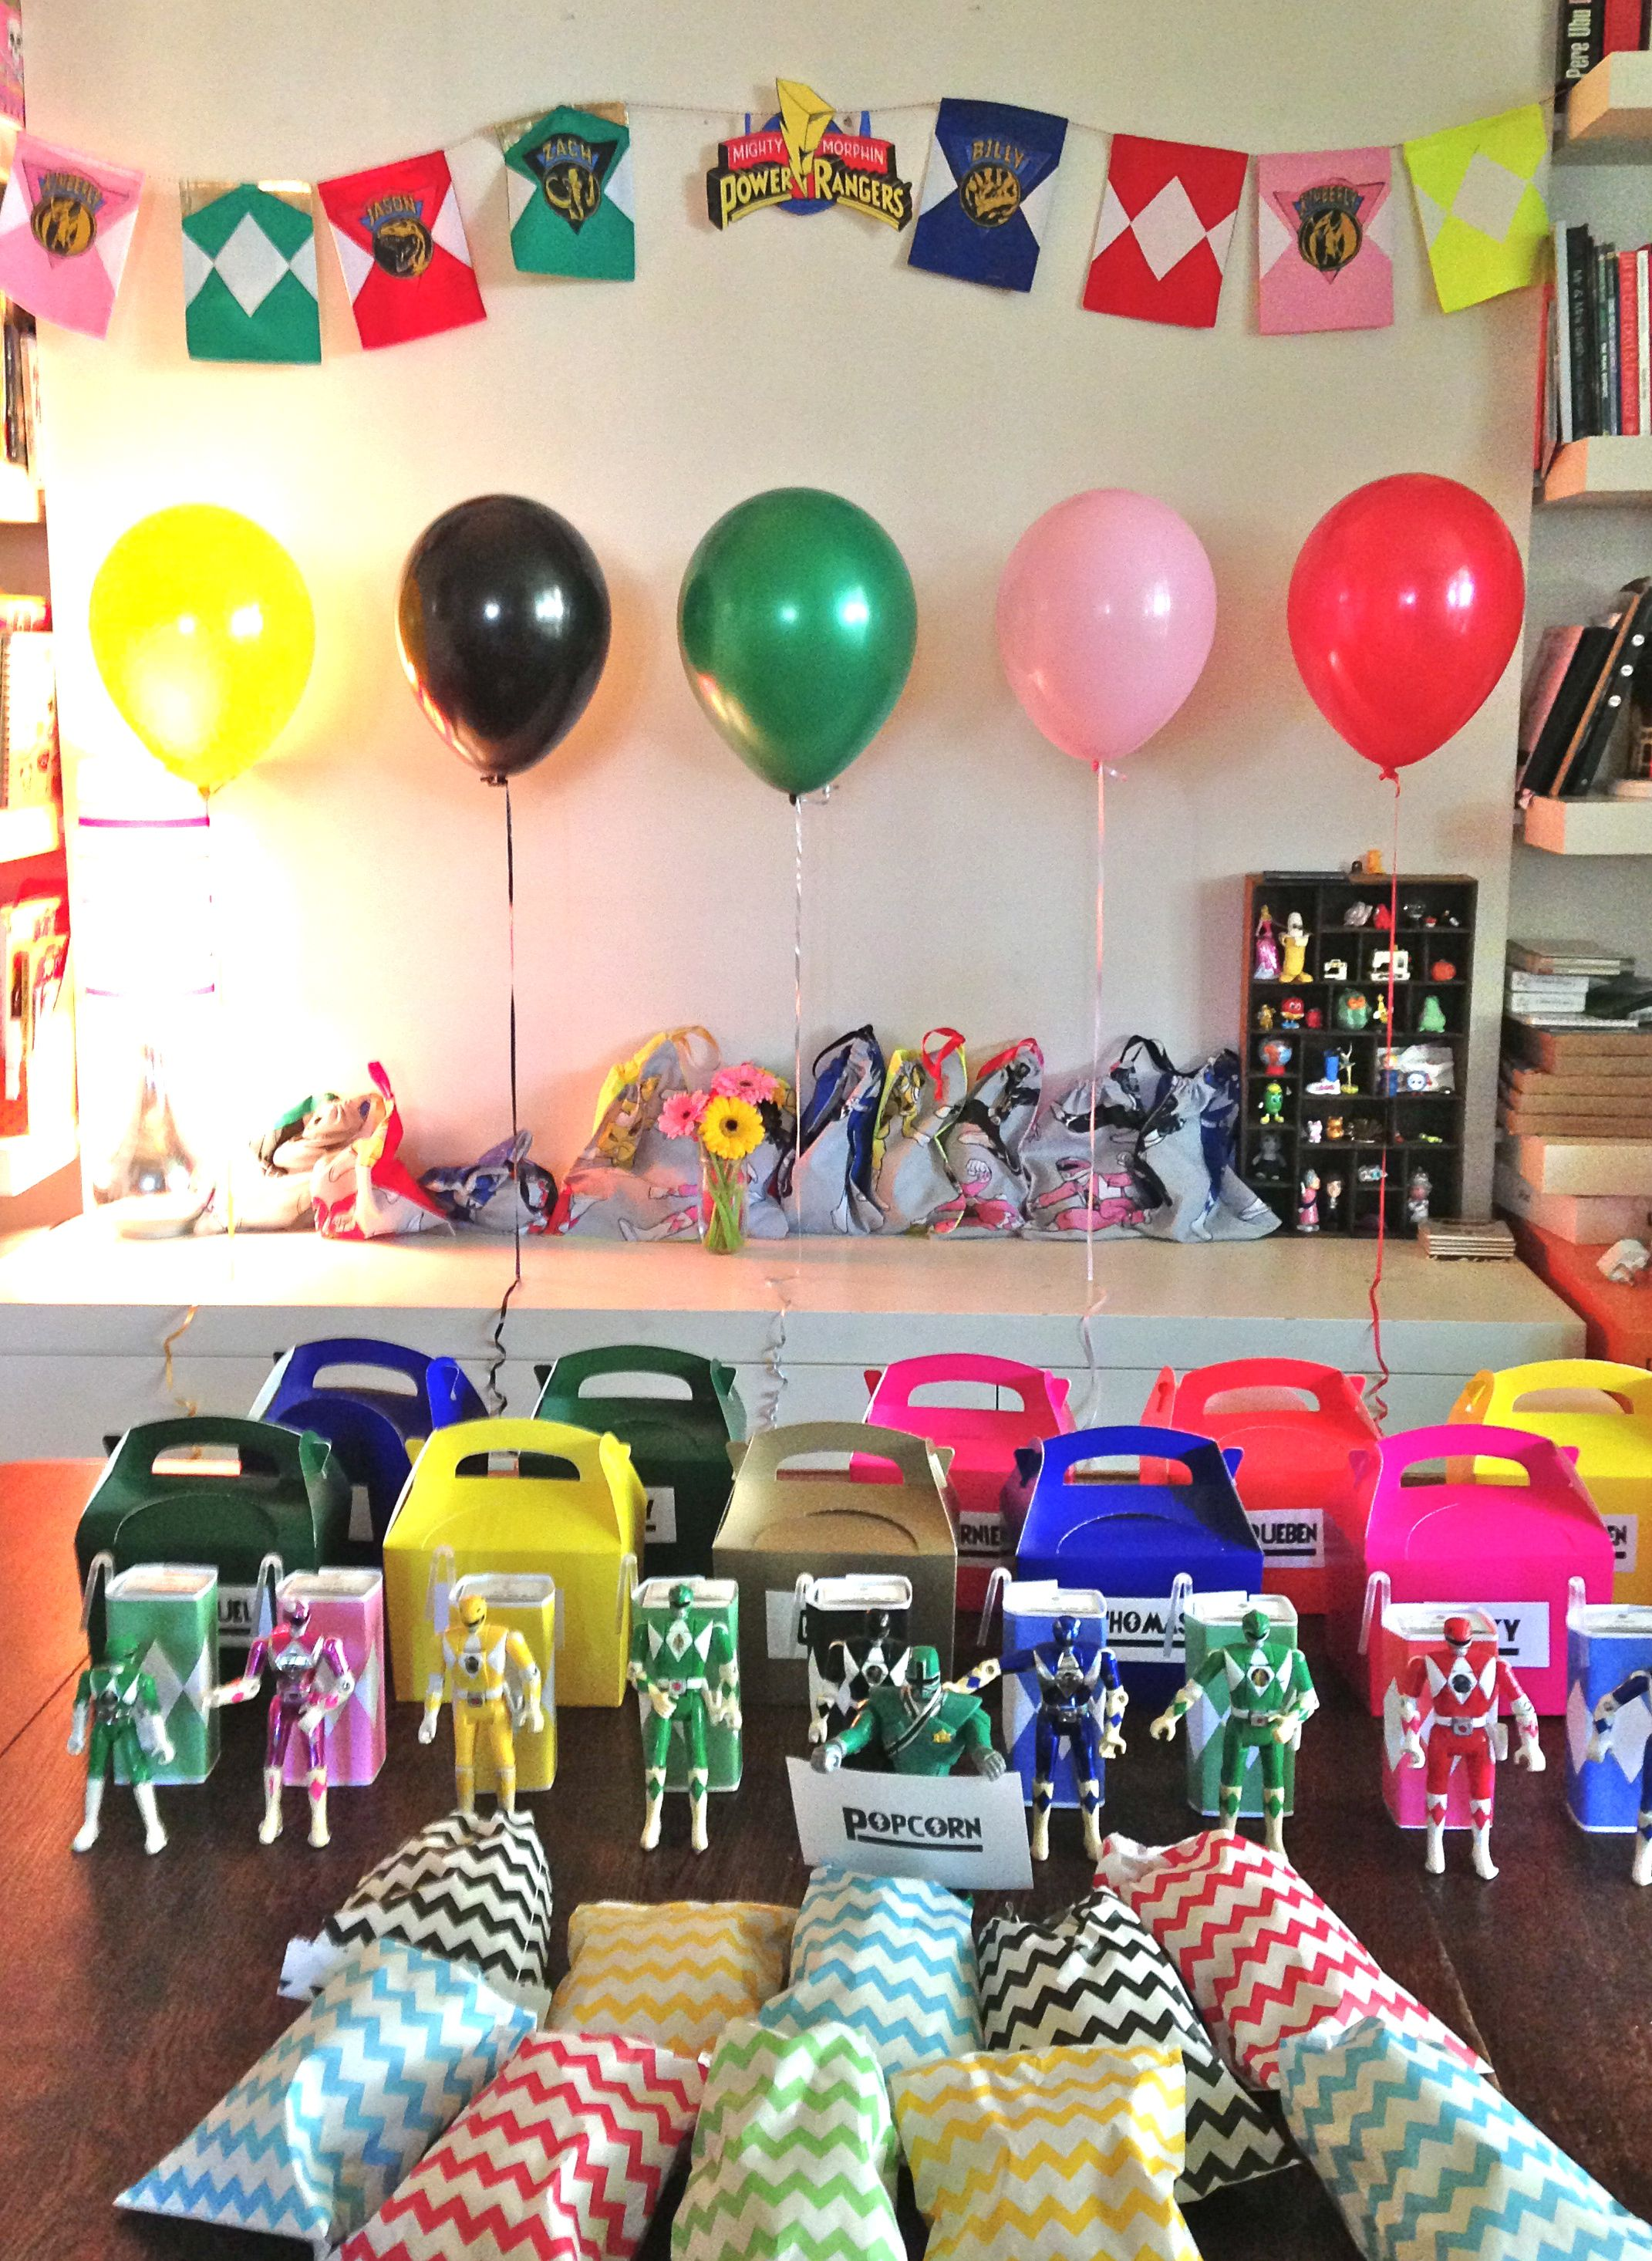 Img 9131 Jpg 2 142 2 931 Pixels Power Ranger Birthday Power Ranger Birthday Party Power Ranger Party